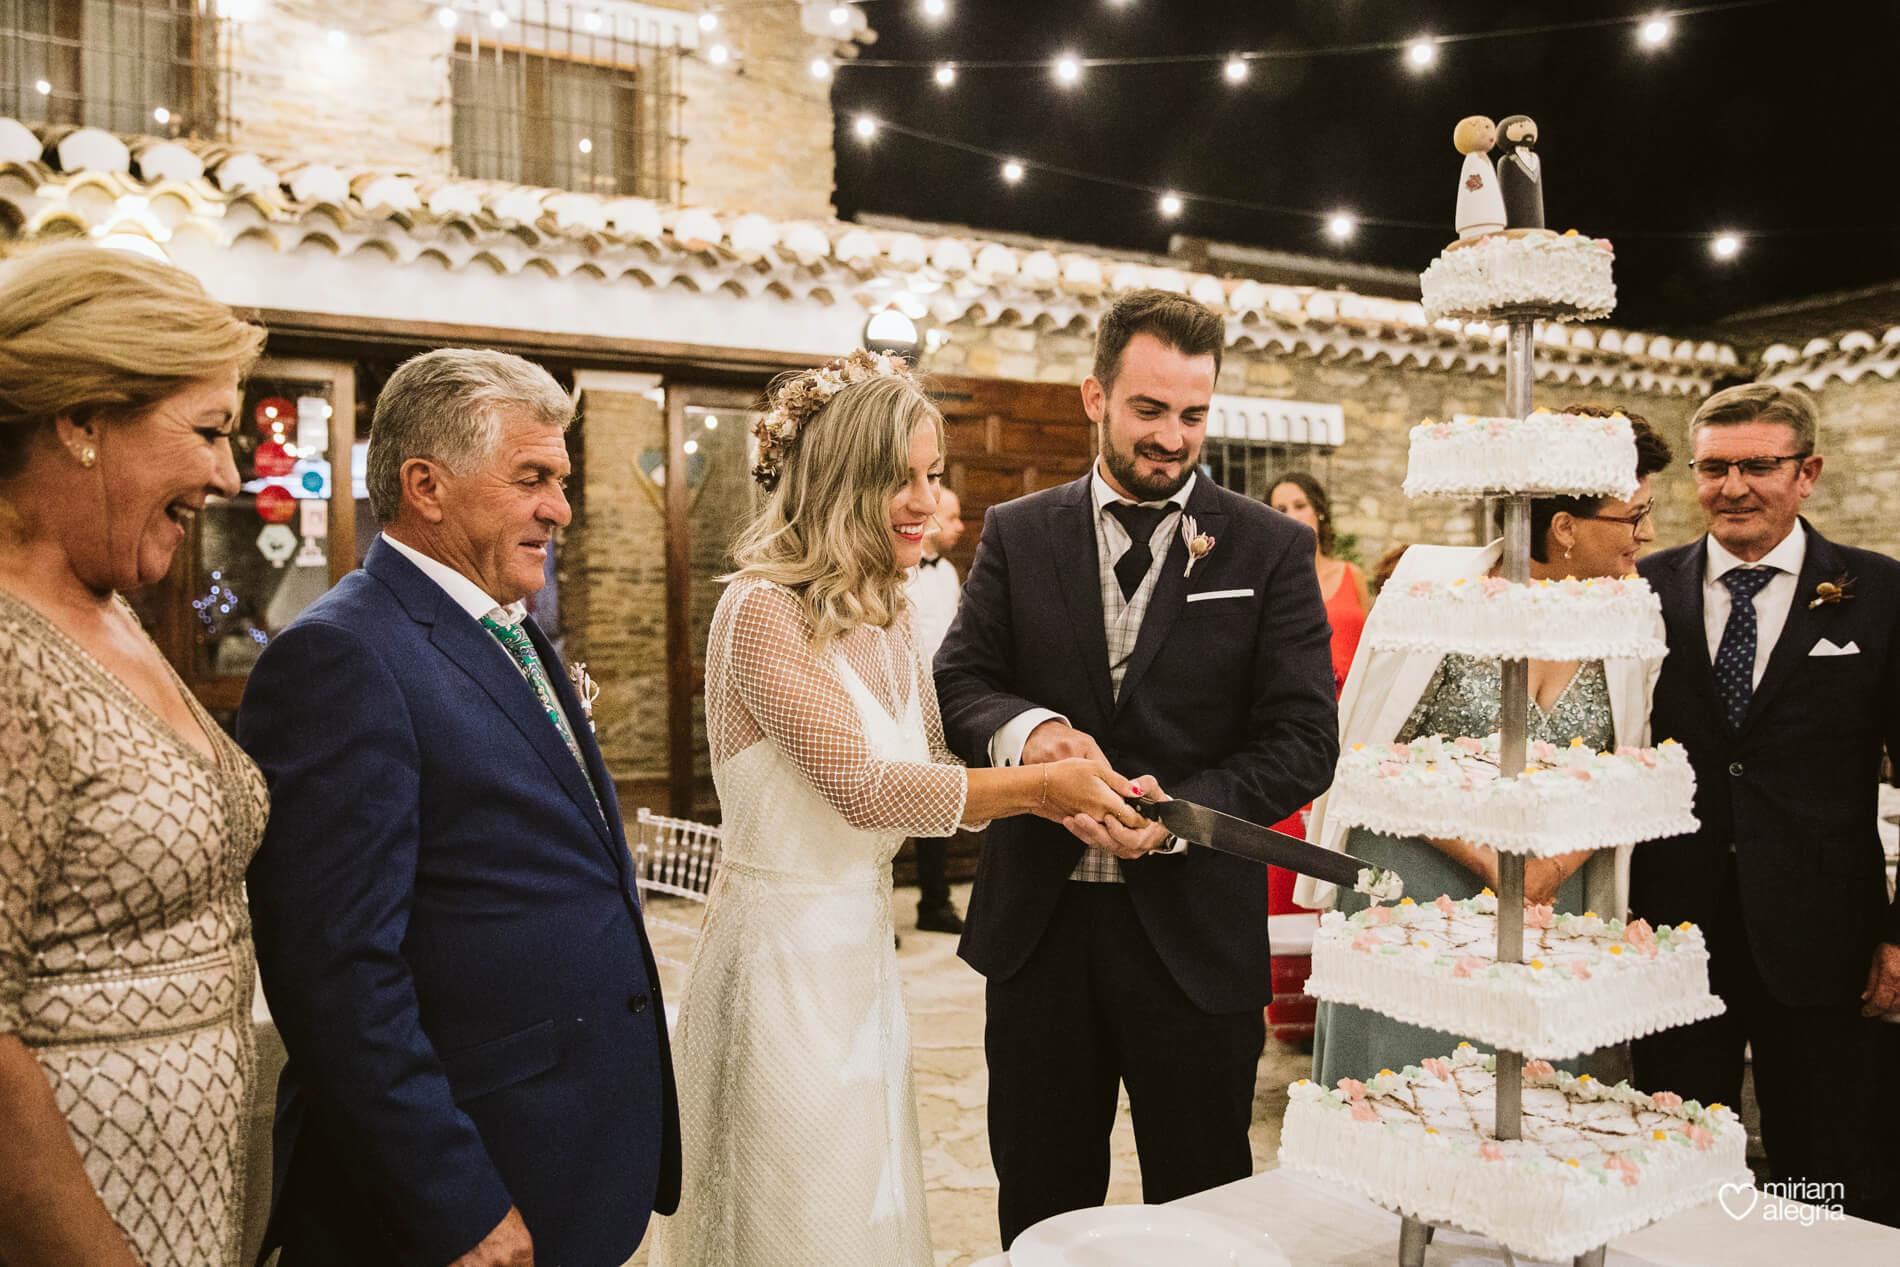 boda-en-collados-miriam-alegria-cayetana-ferrer-108